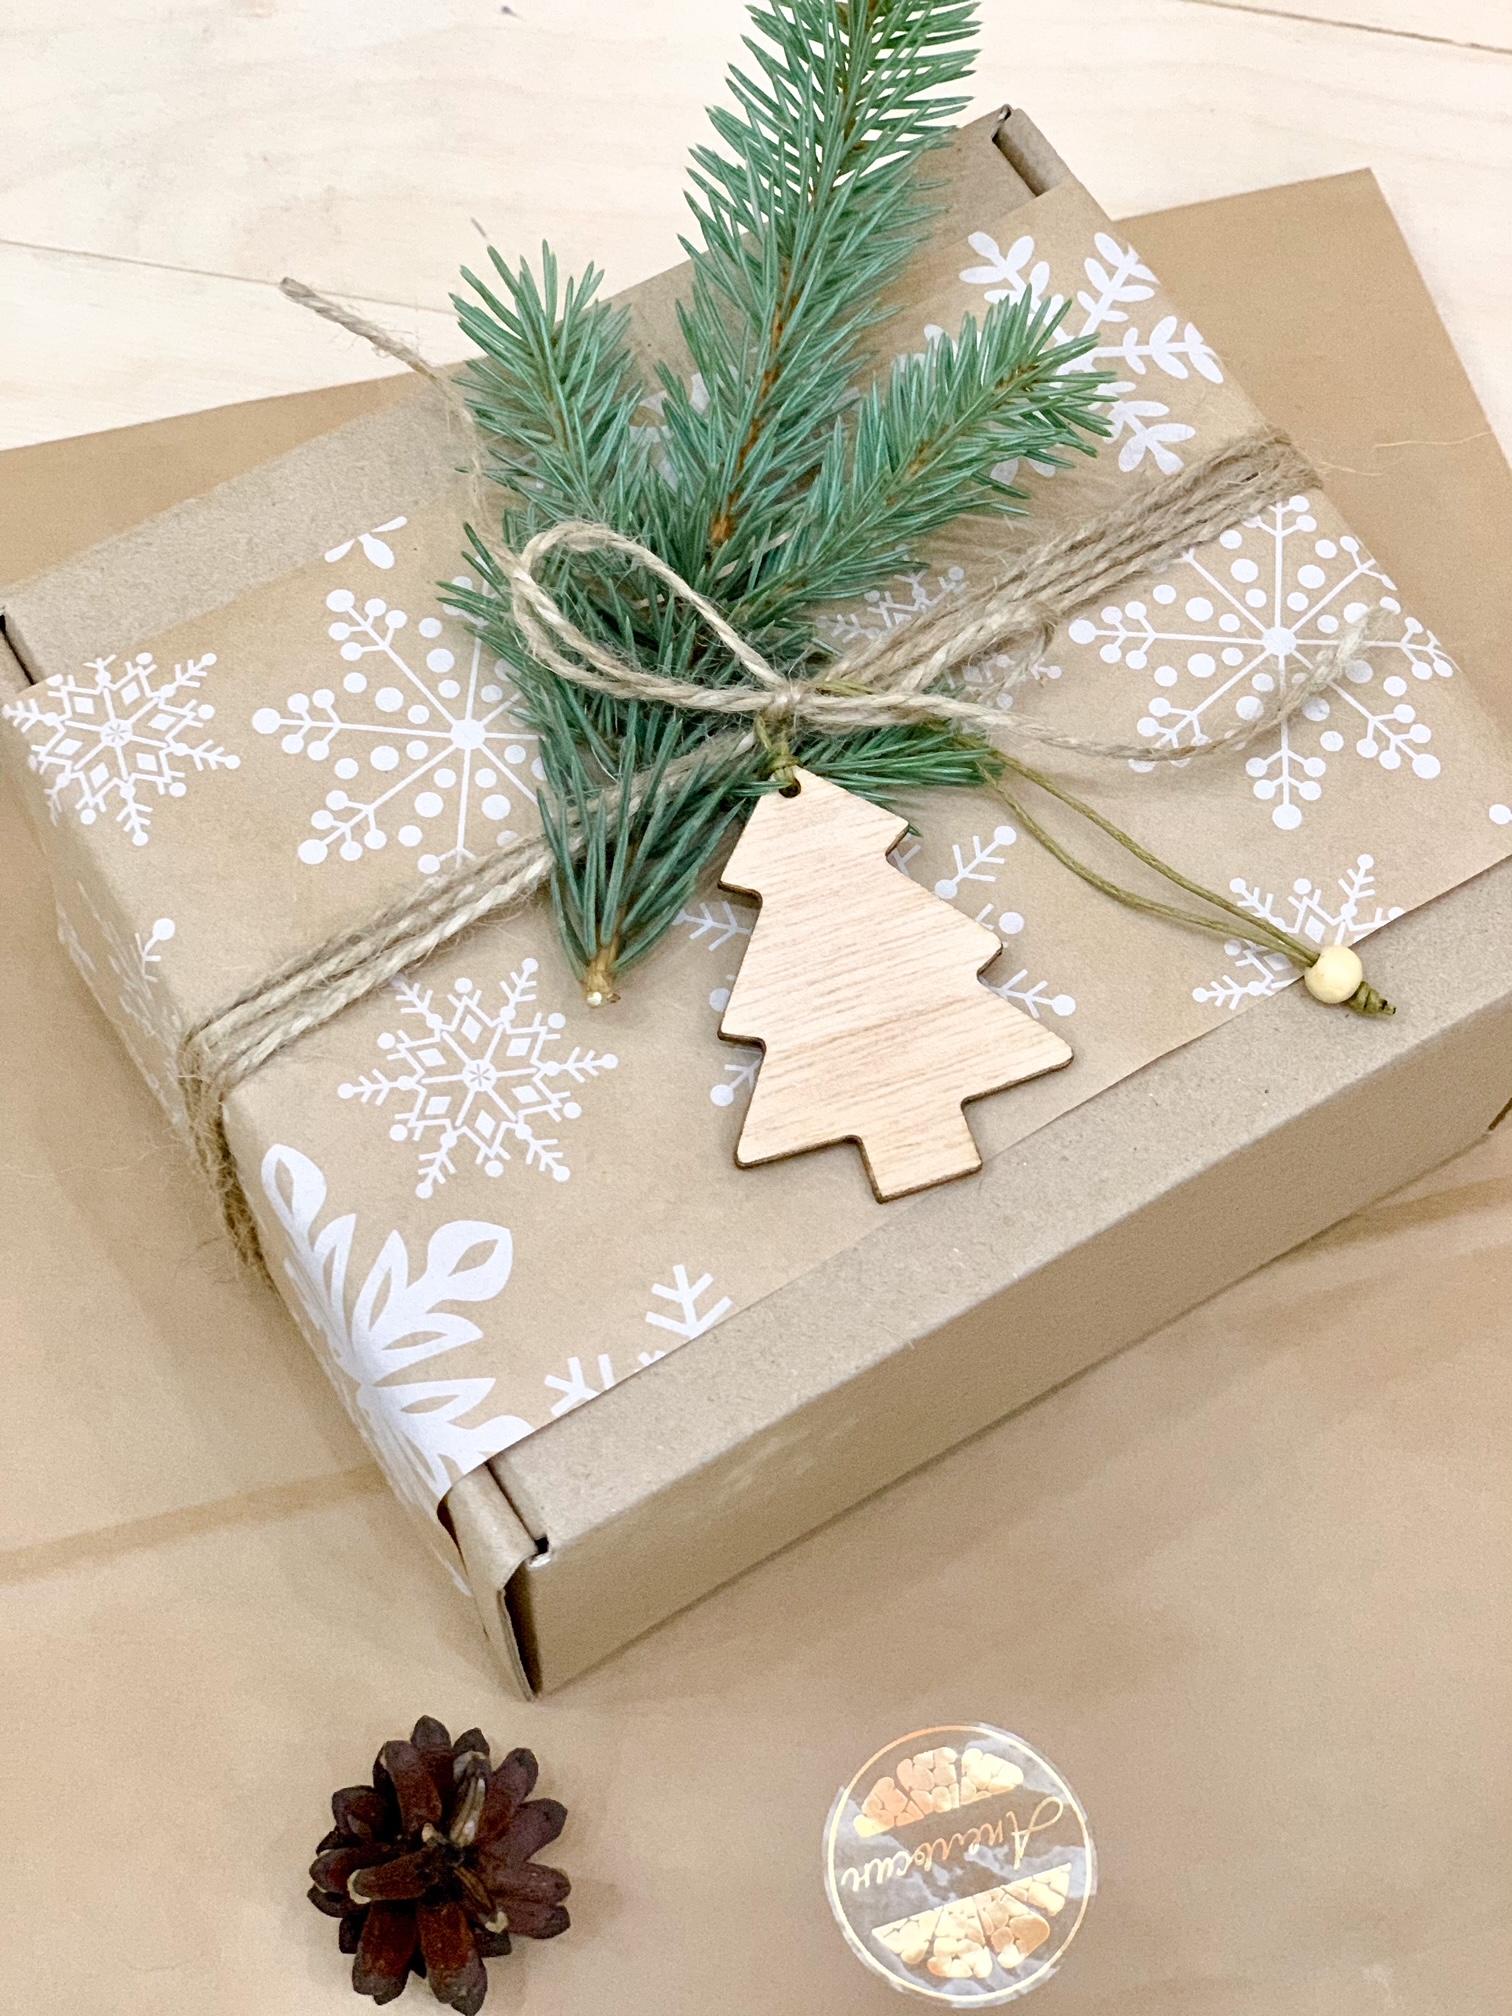 корпоративные новогодние подарки с доставкой